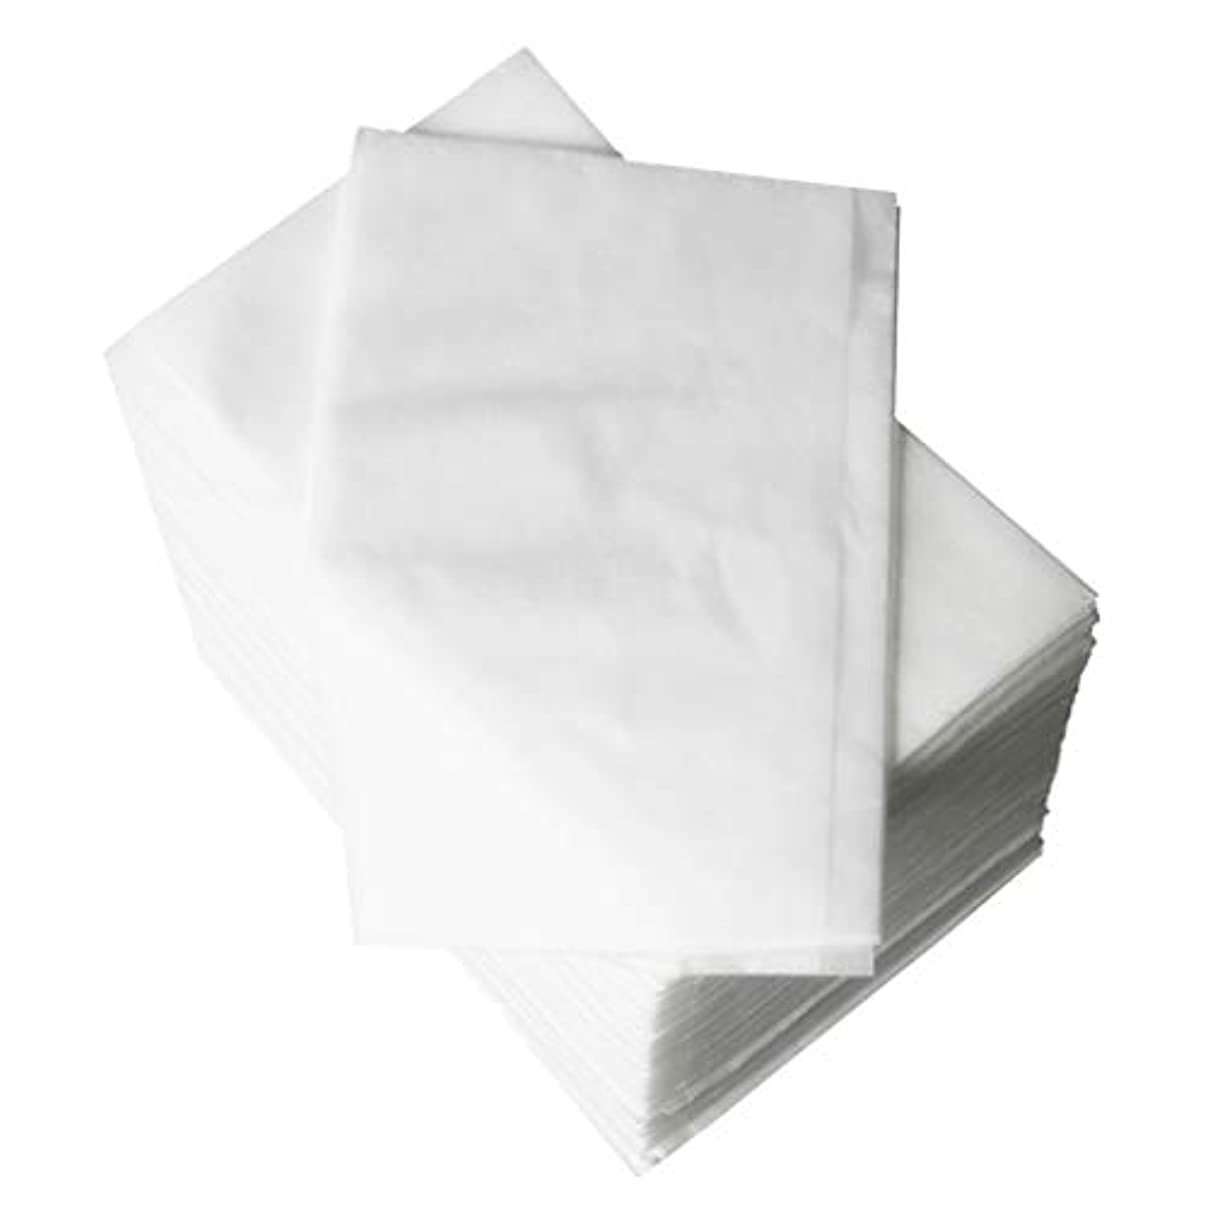 マディソンオプショナルサバントP Prettyia 使い捨てベッドシーツ 美容シーツ 約80 x 180 cm 約100個 全2色 - 白